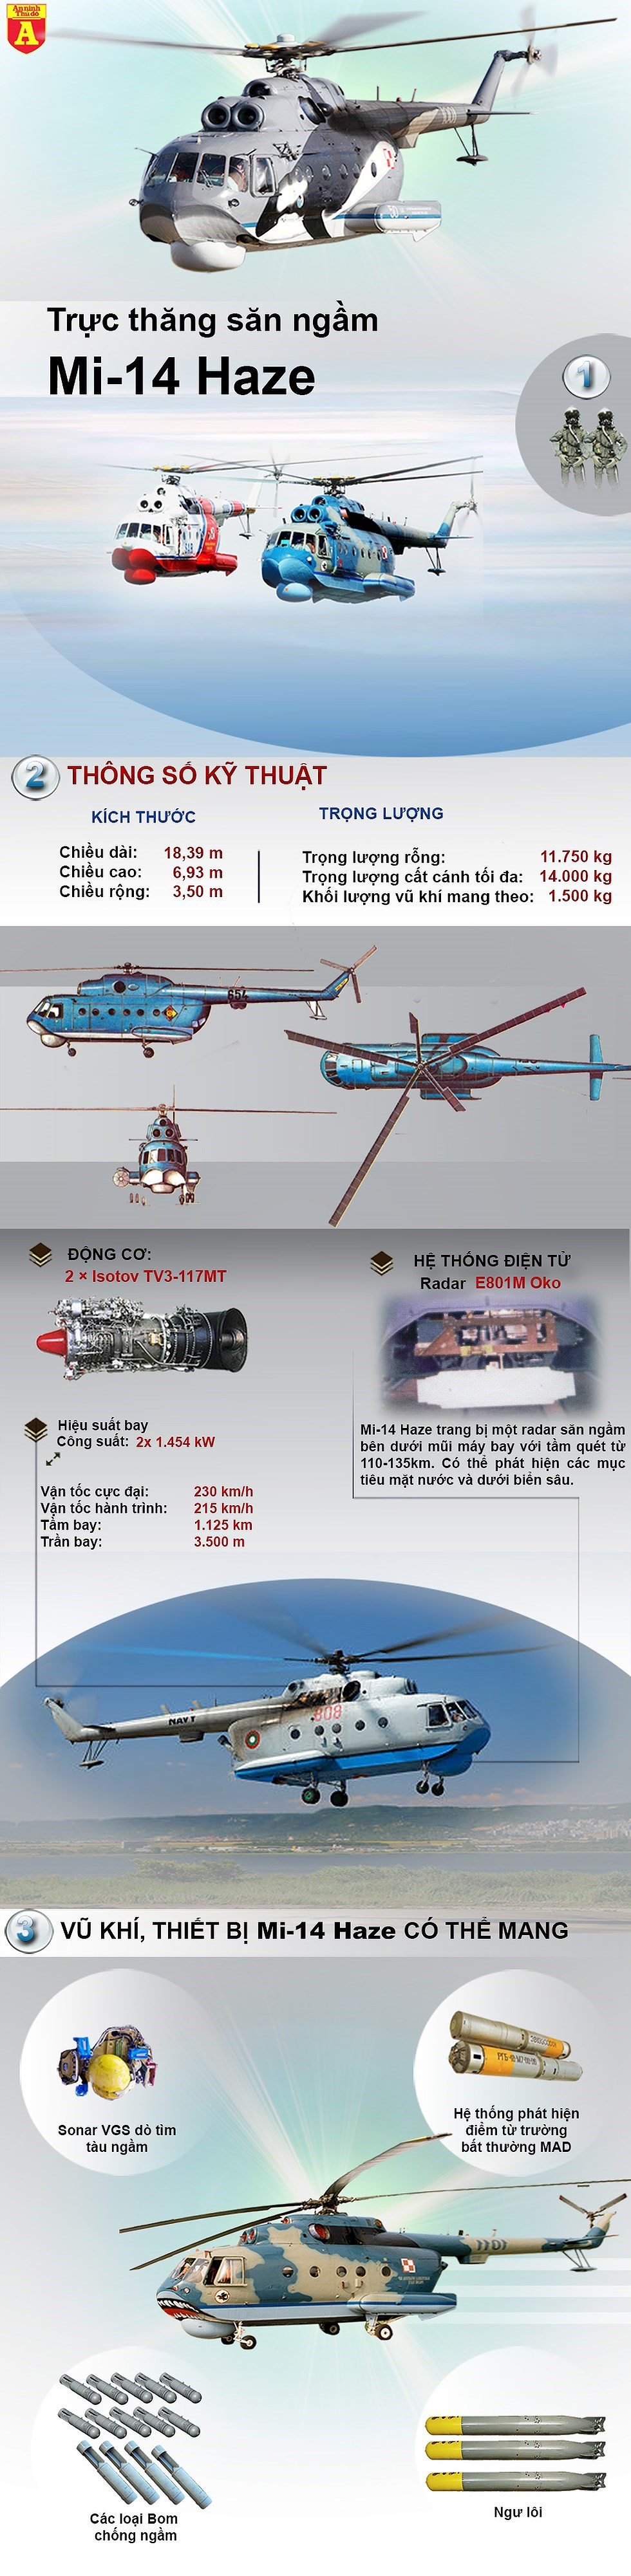 [Infographic] Quốc gia nào khối NATO có trực thăng săn ngầm mang vũ khí hạt nhân của Liên Xô - Ảnh 1